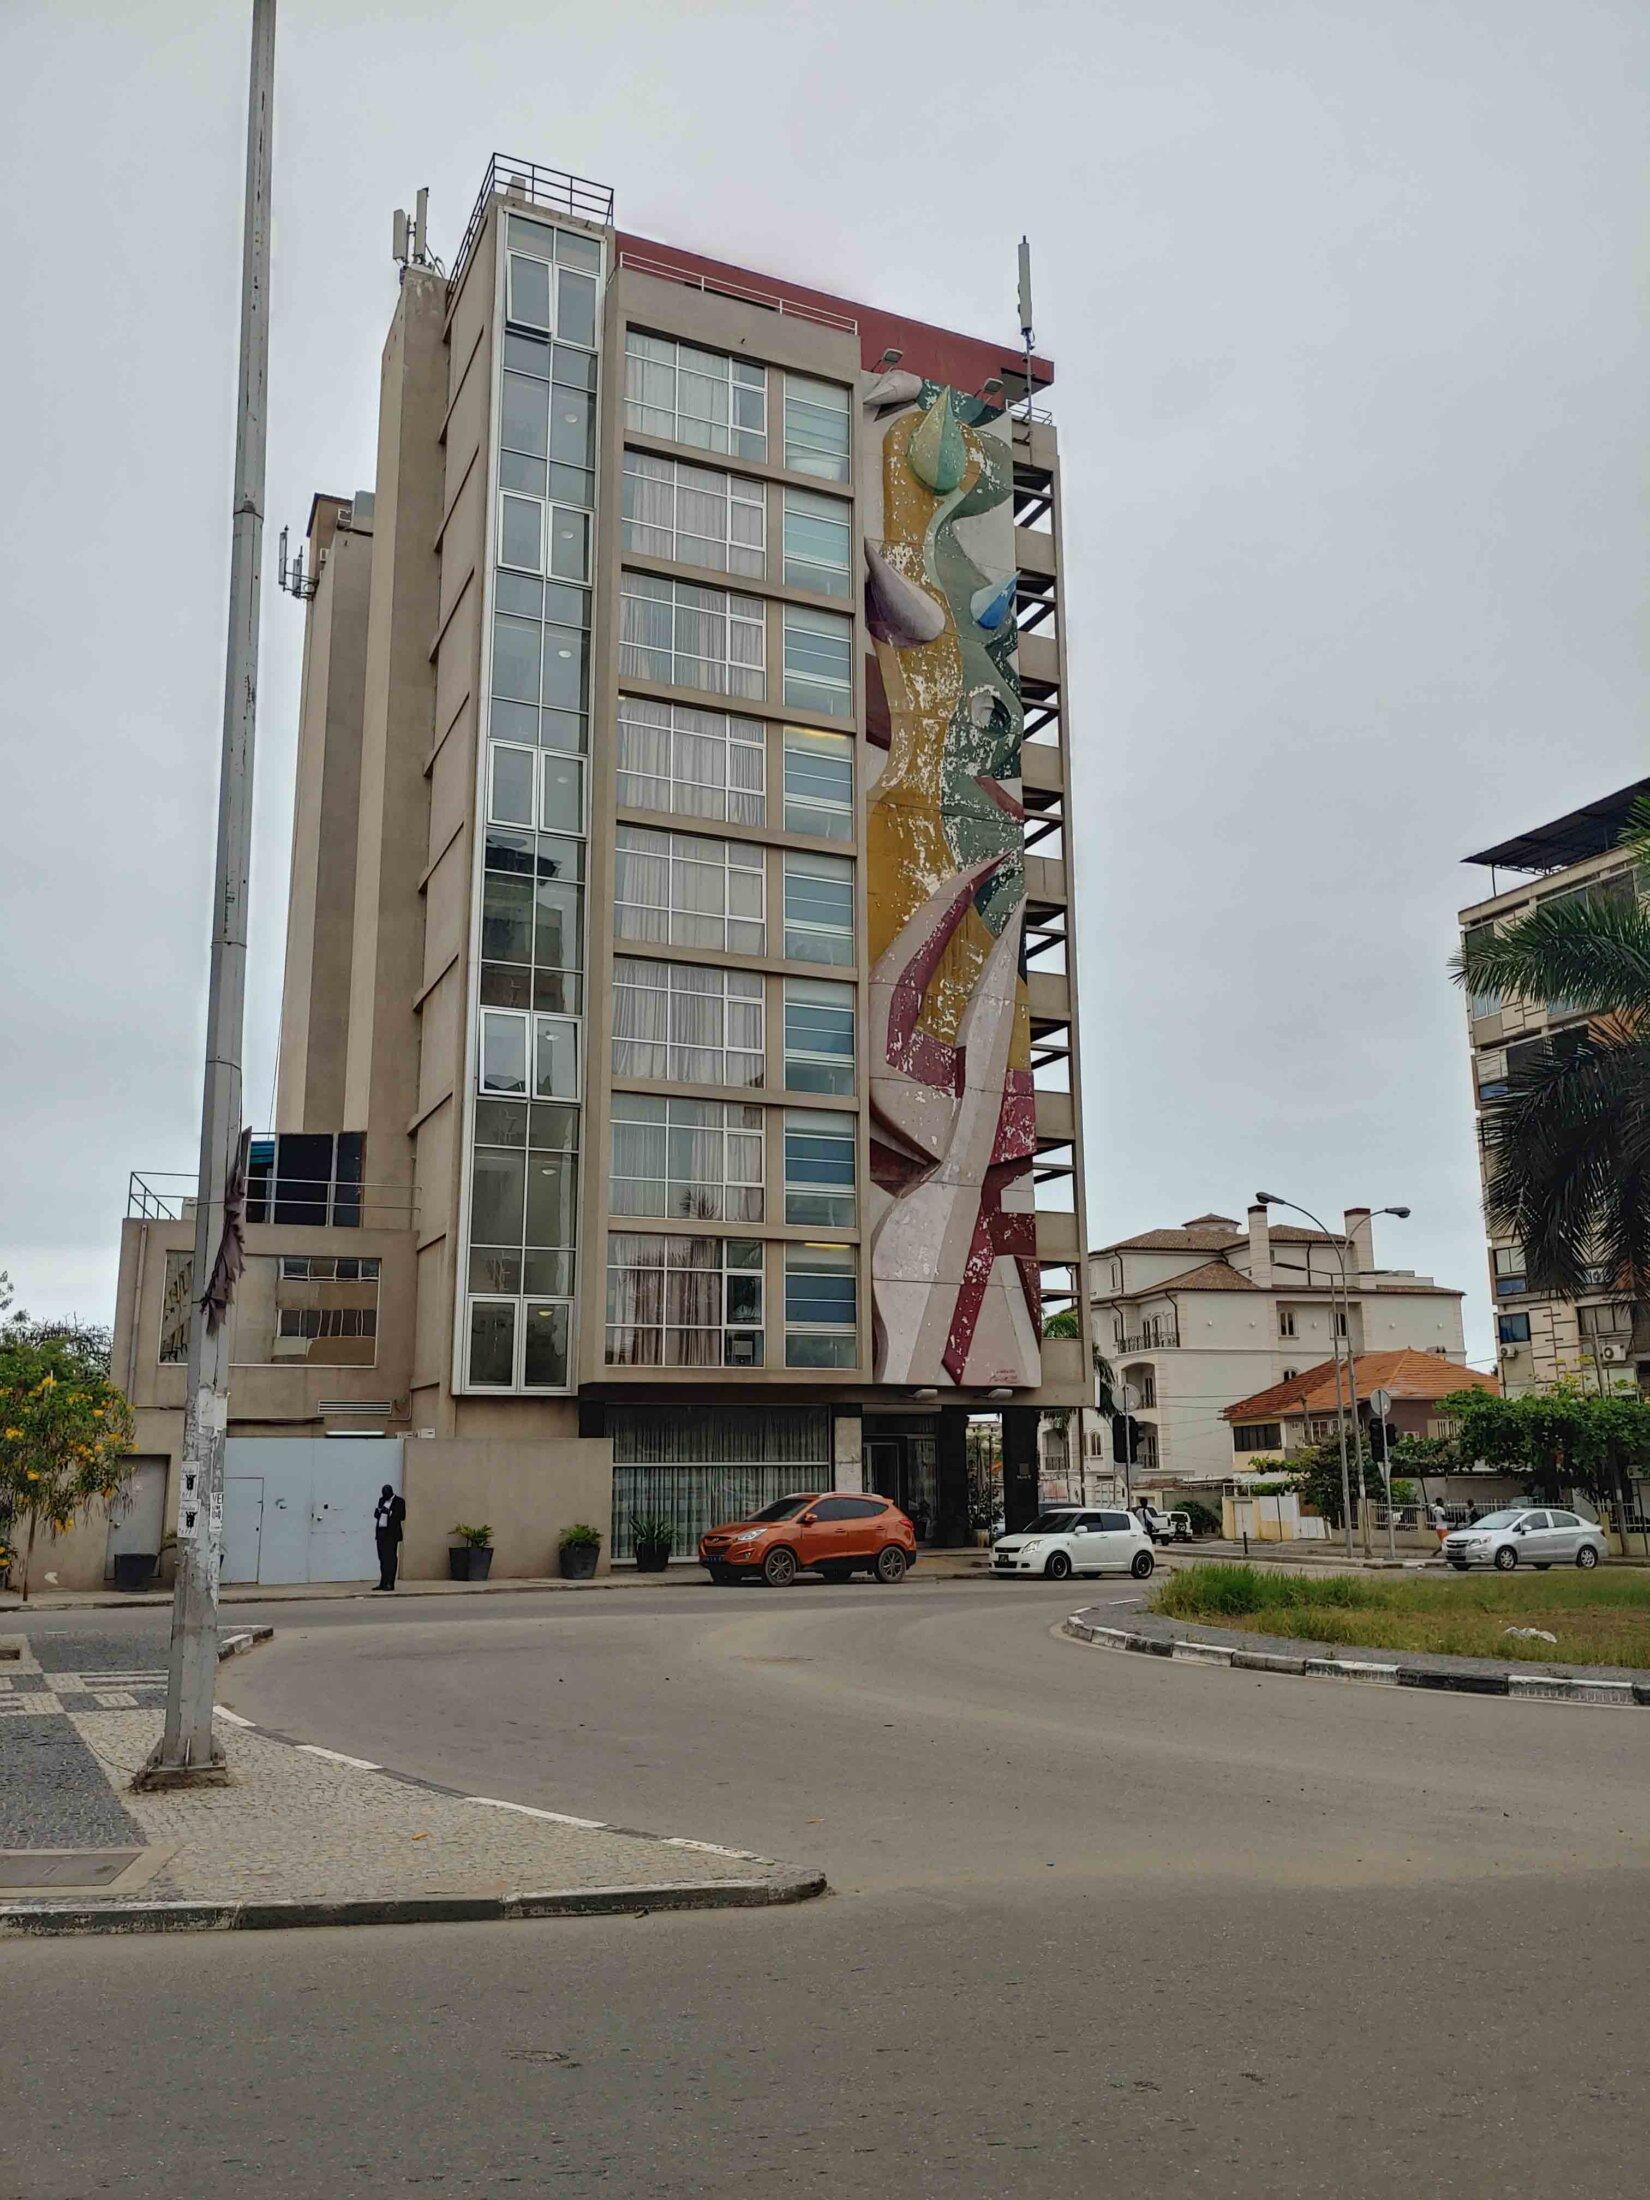 LuandaArchitecture